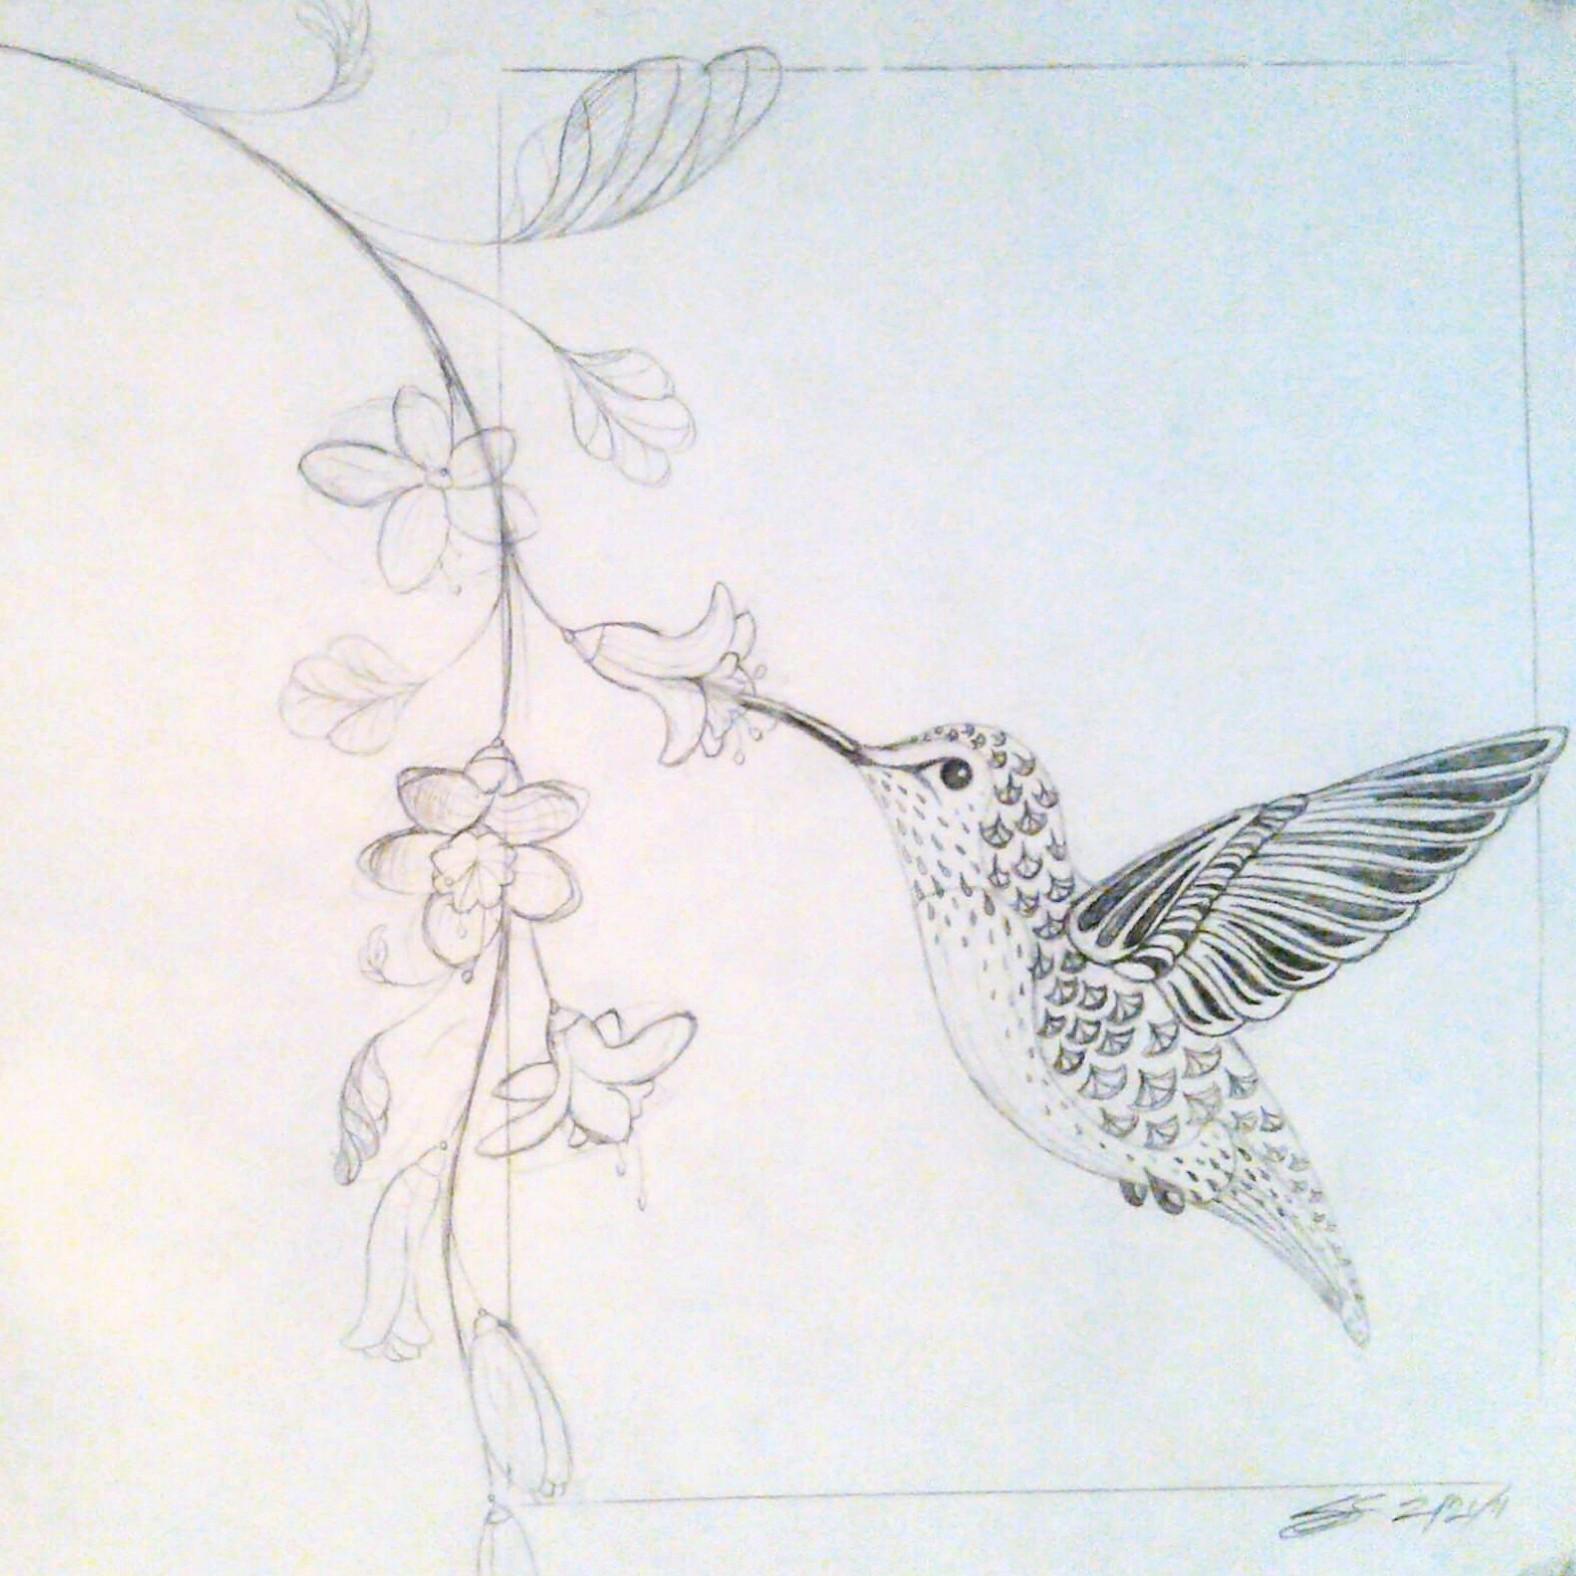 Hummingbird drawings in pencil